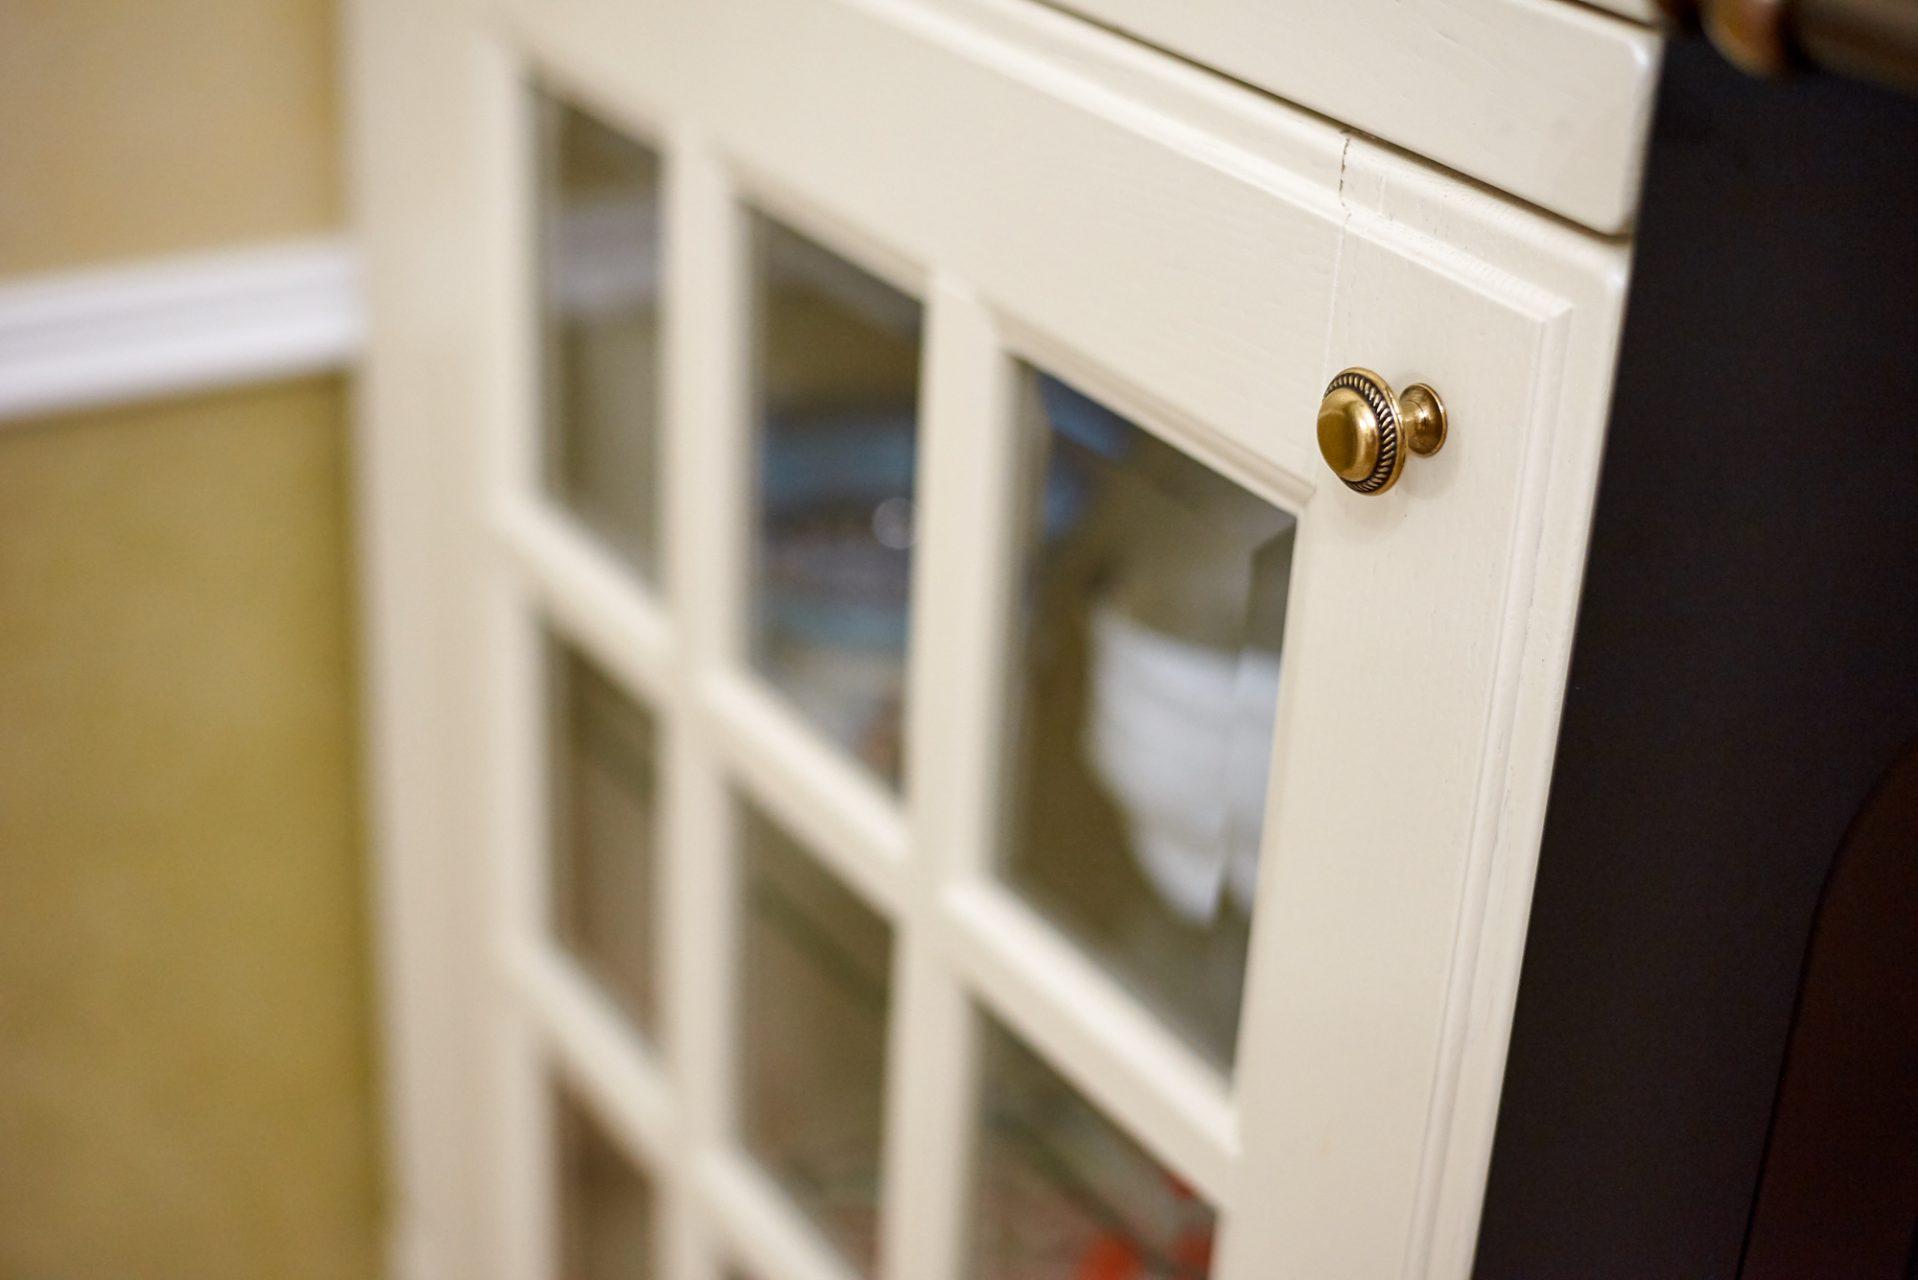 014_interior_kitchen3_korneychikeu